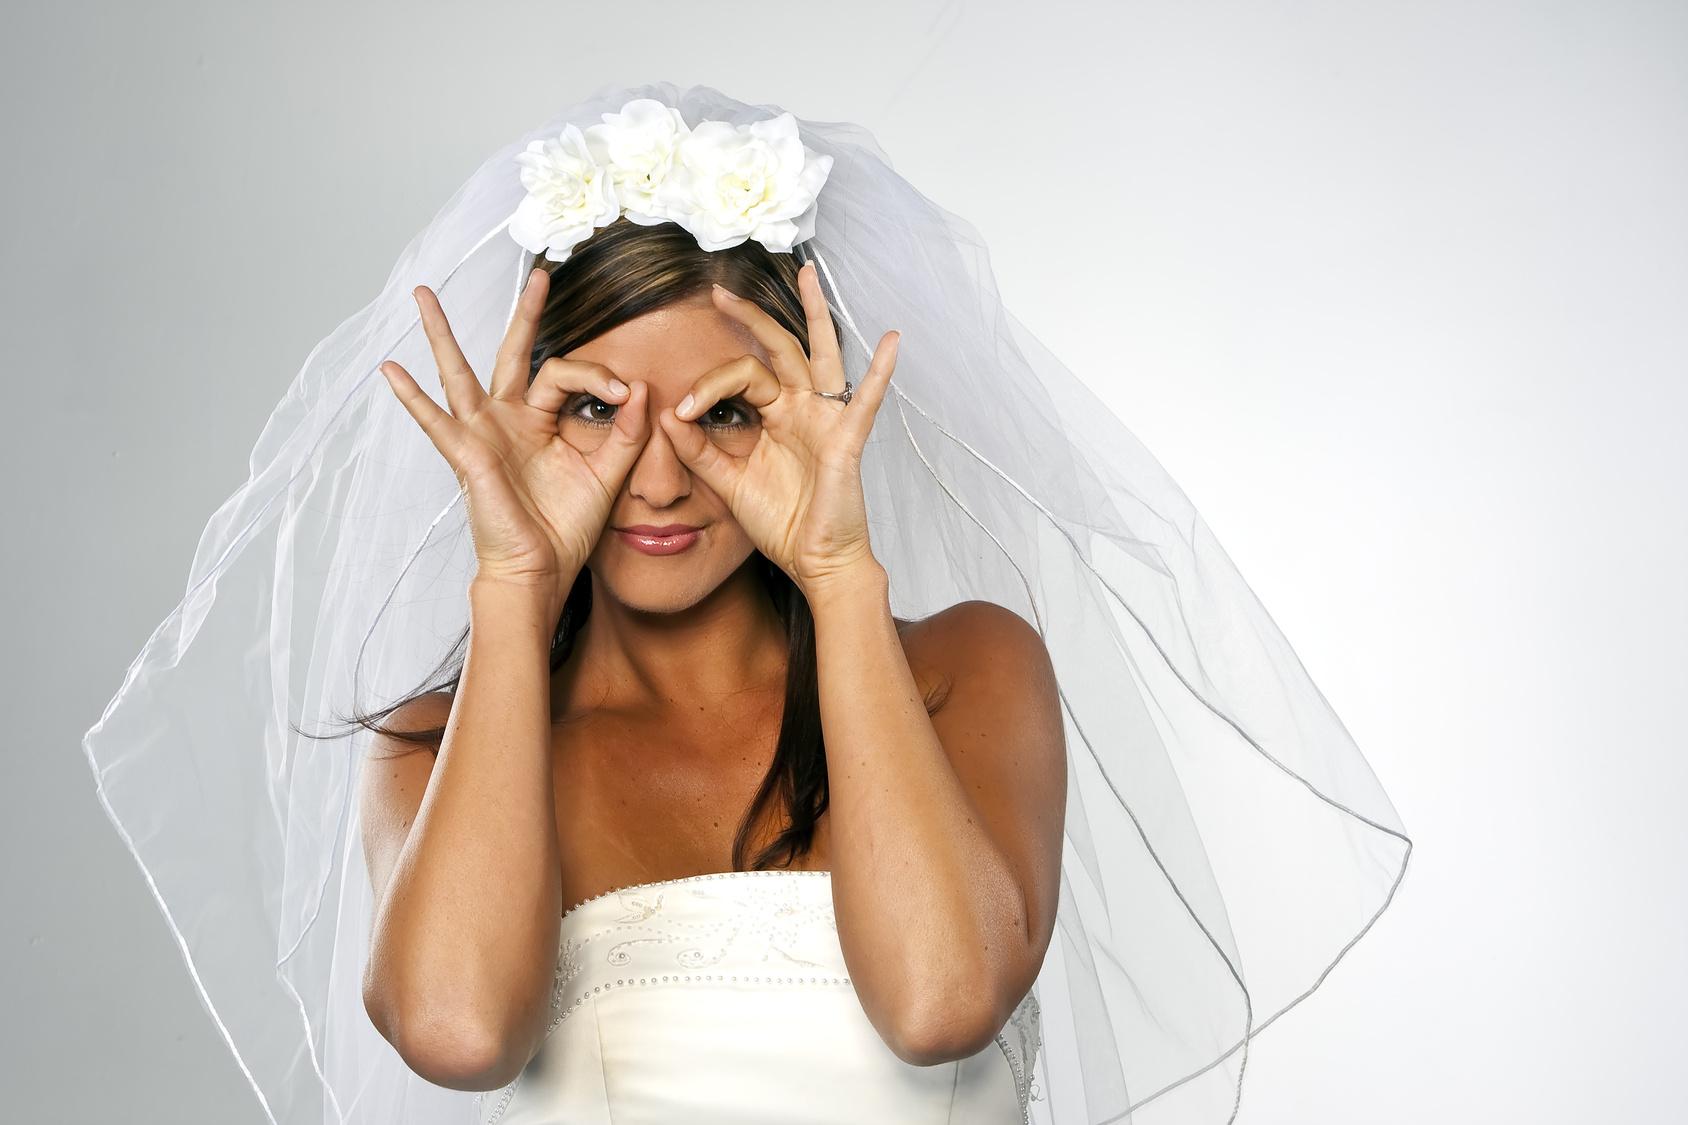 картинка про замуж несмотря популярность